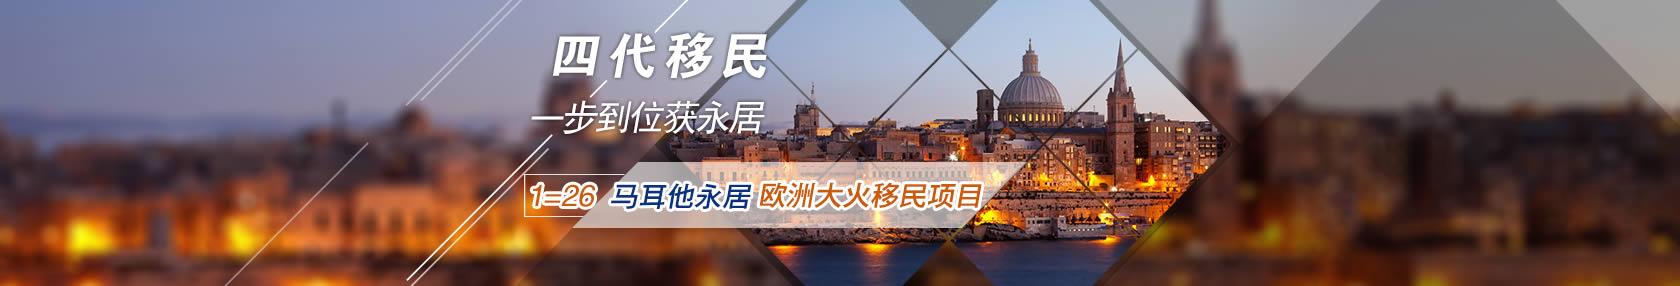 环球移民马耳他投资移民项目:四代移民一步到位获永居